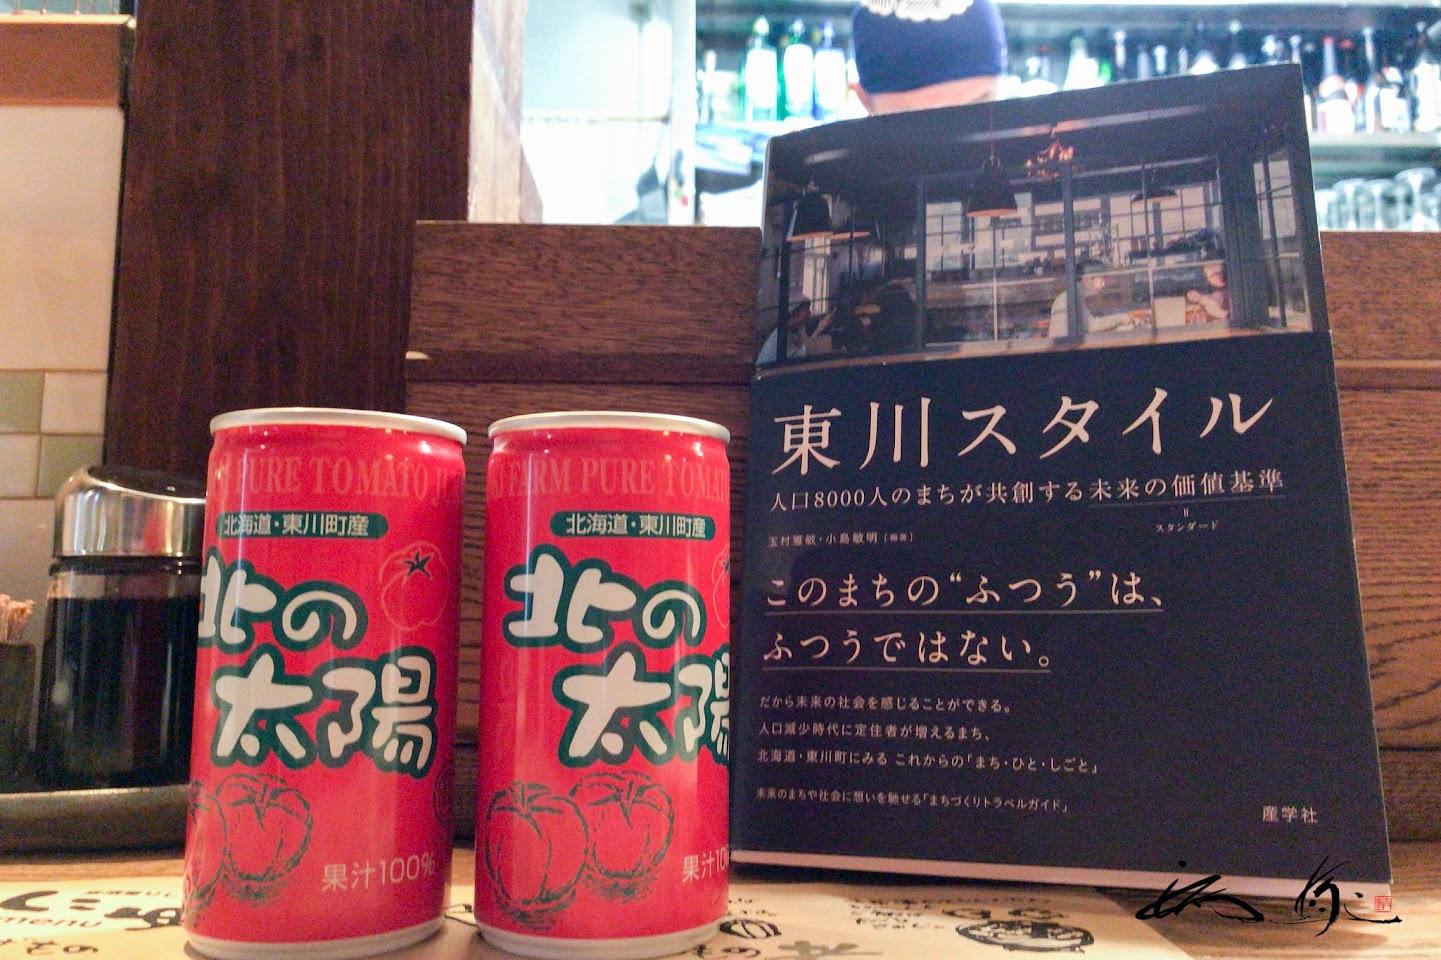 東川町産トマトジュース「北の太陽」&ブック「東川スタイル」